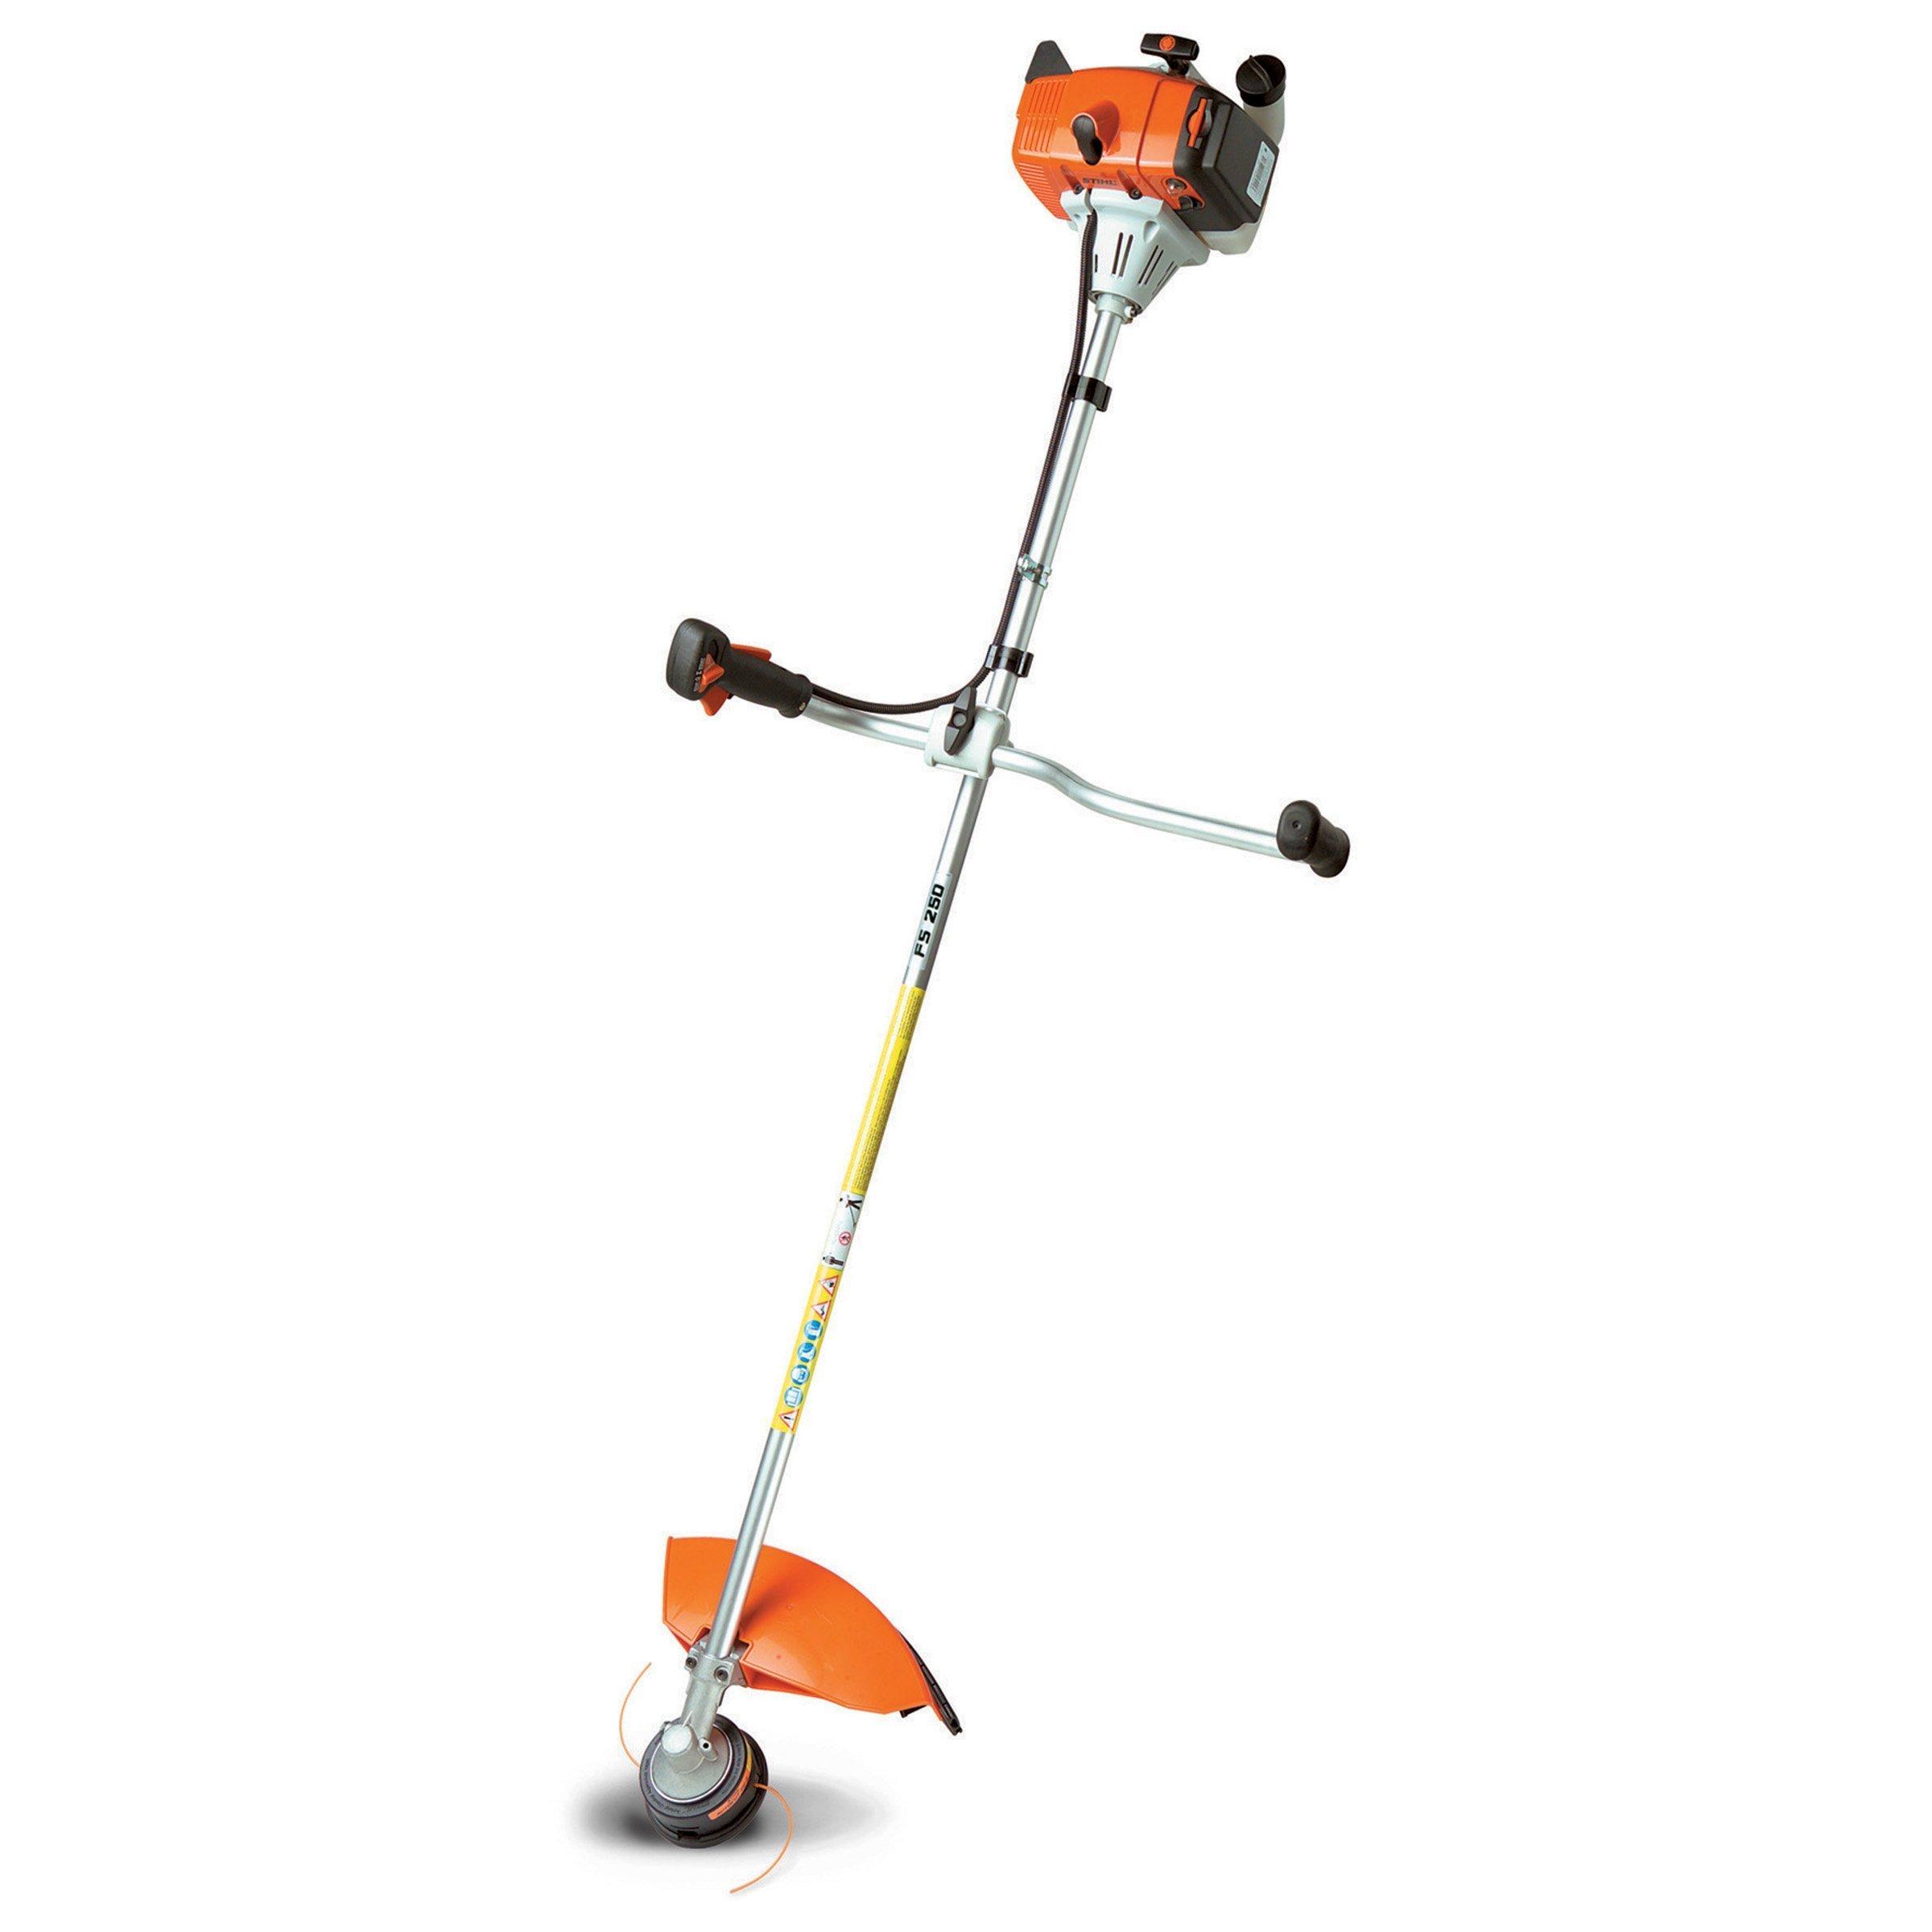 Máy cắt cỏ mang vai Stihl FS 120